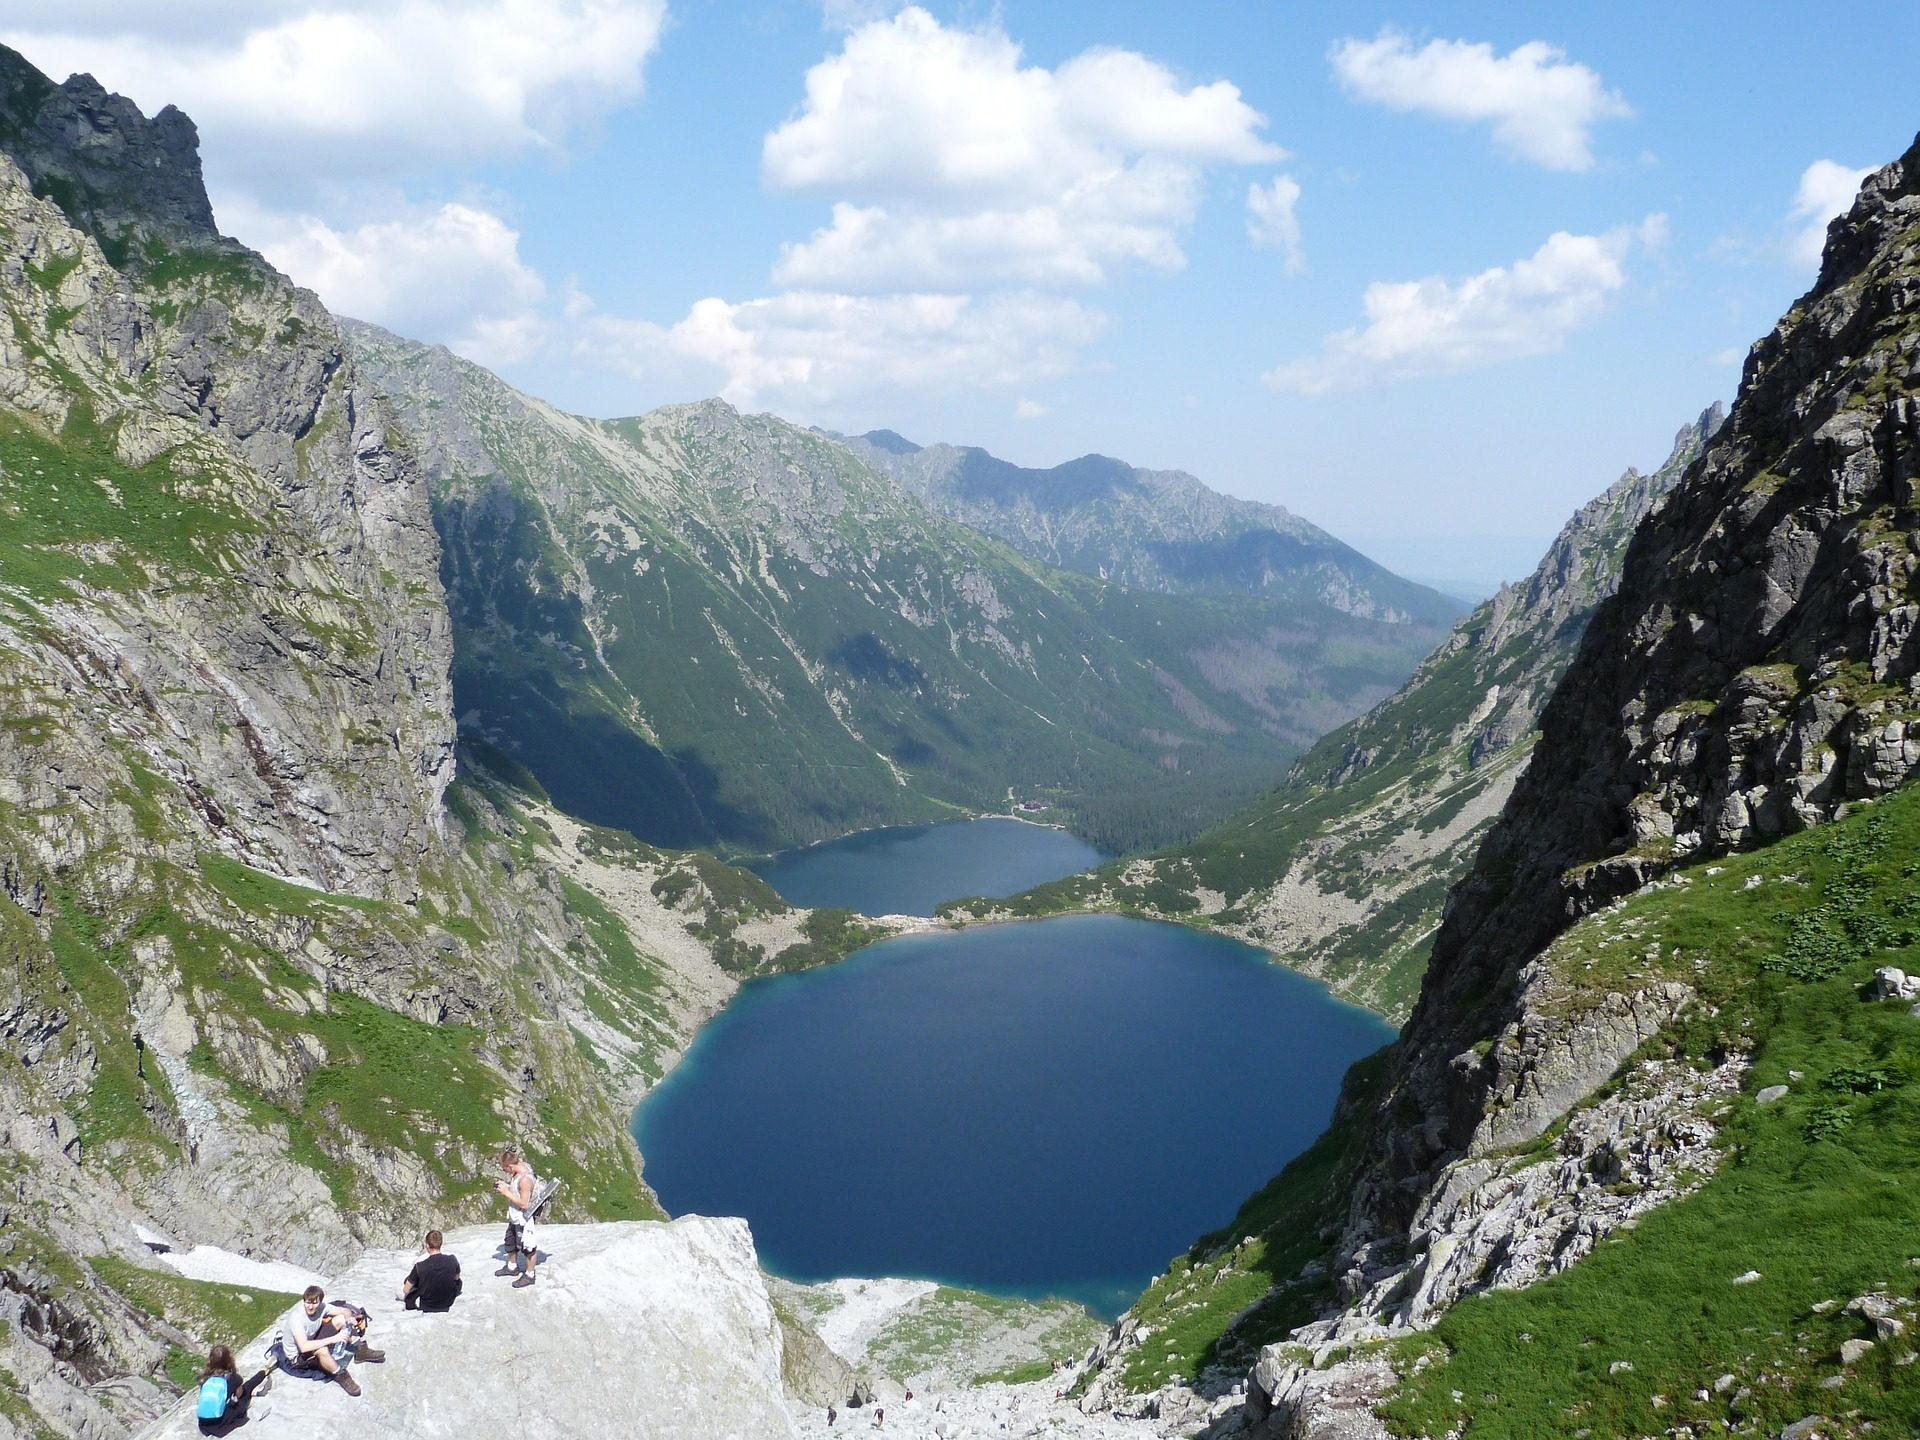 valle, montañas, lago, turismo, agua, polonia - Fondos de Pantalla HD - professor-falken.com